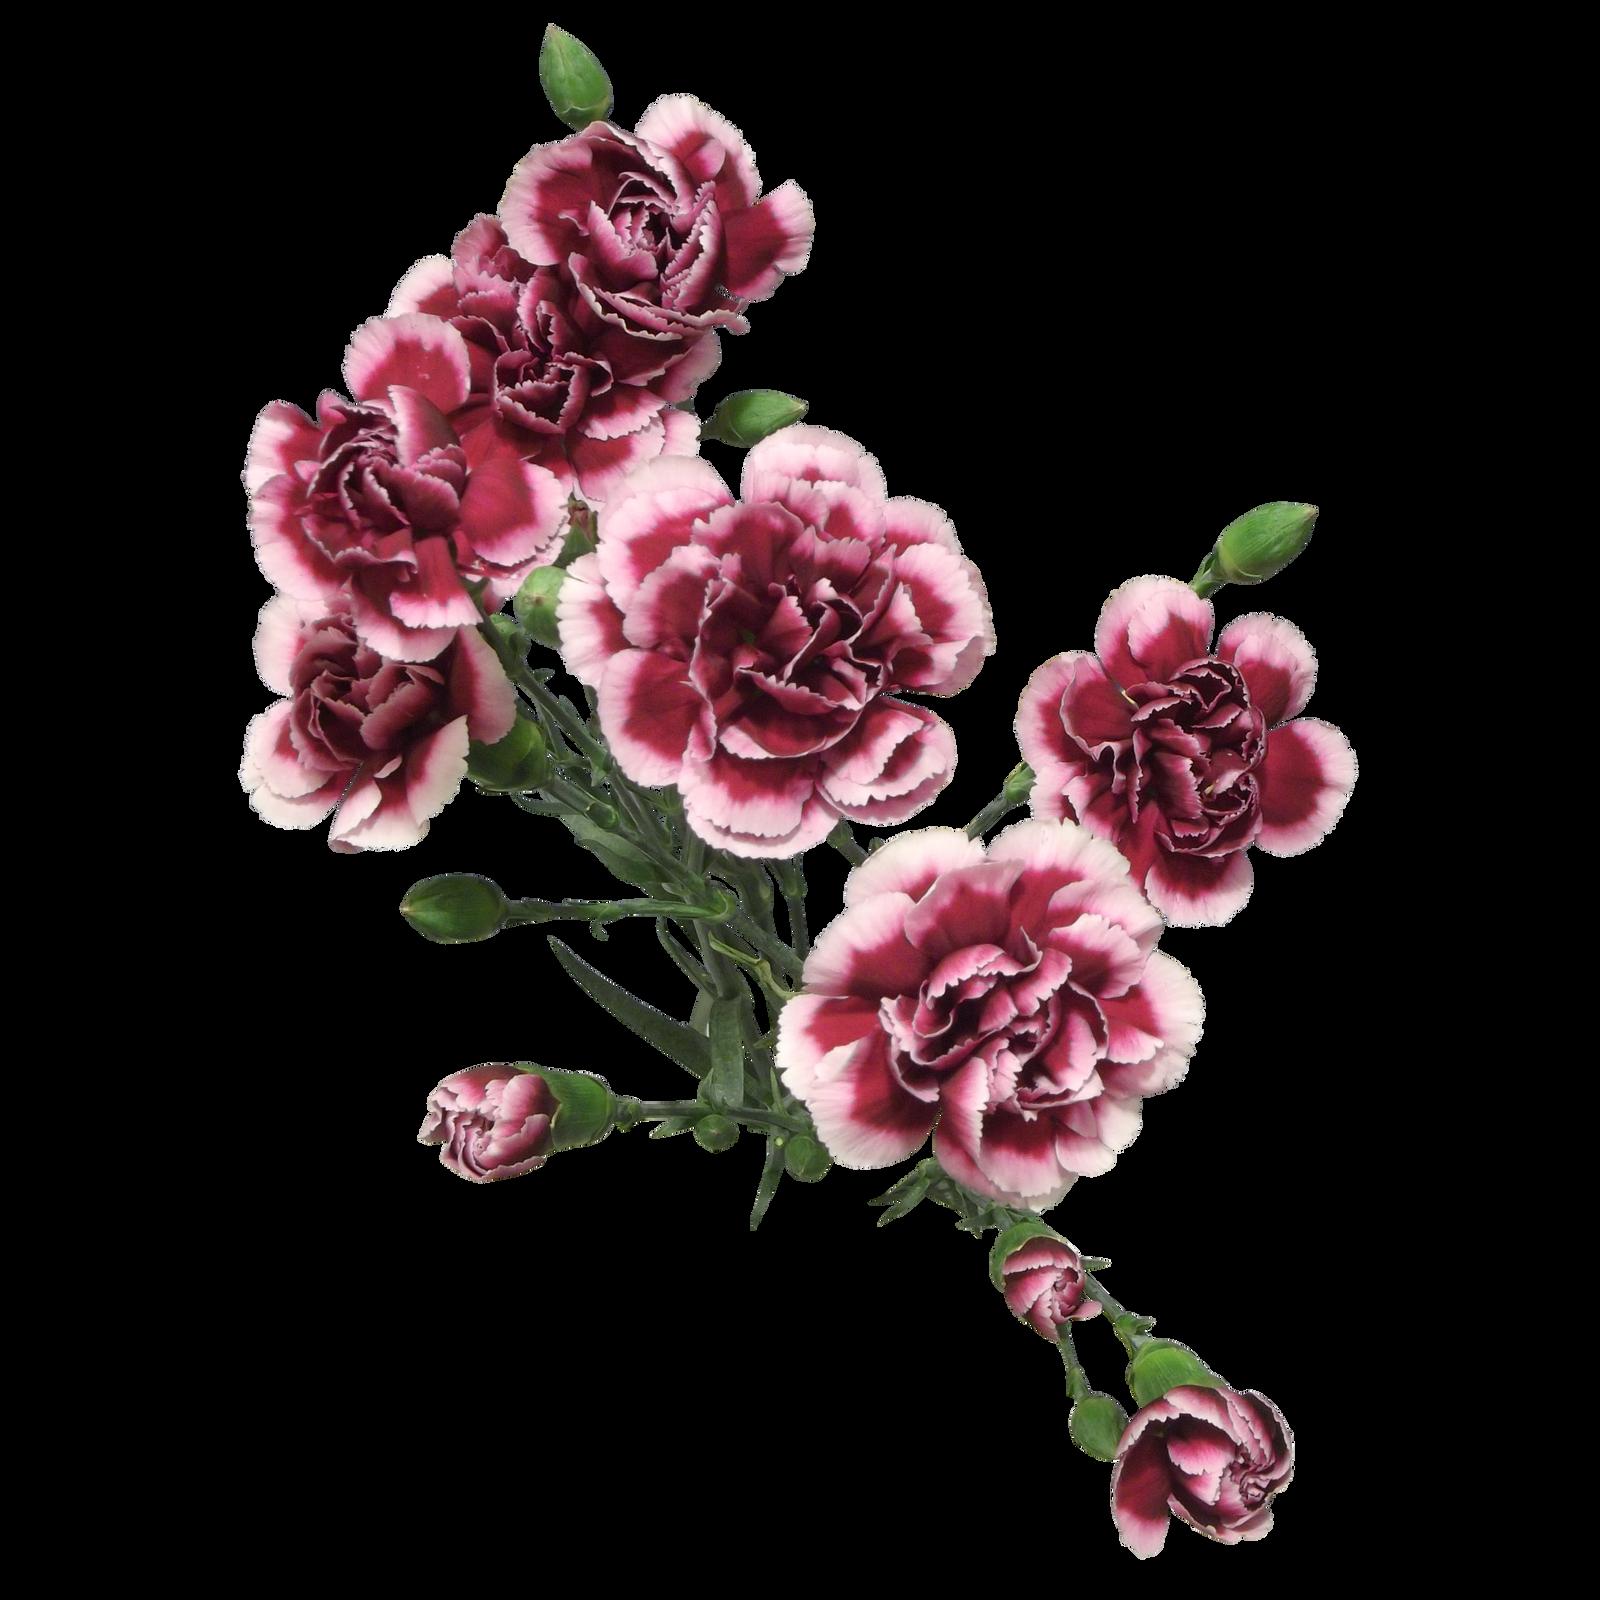 Cut Flowers Carnation png by Adagem on DeviantArt